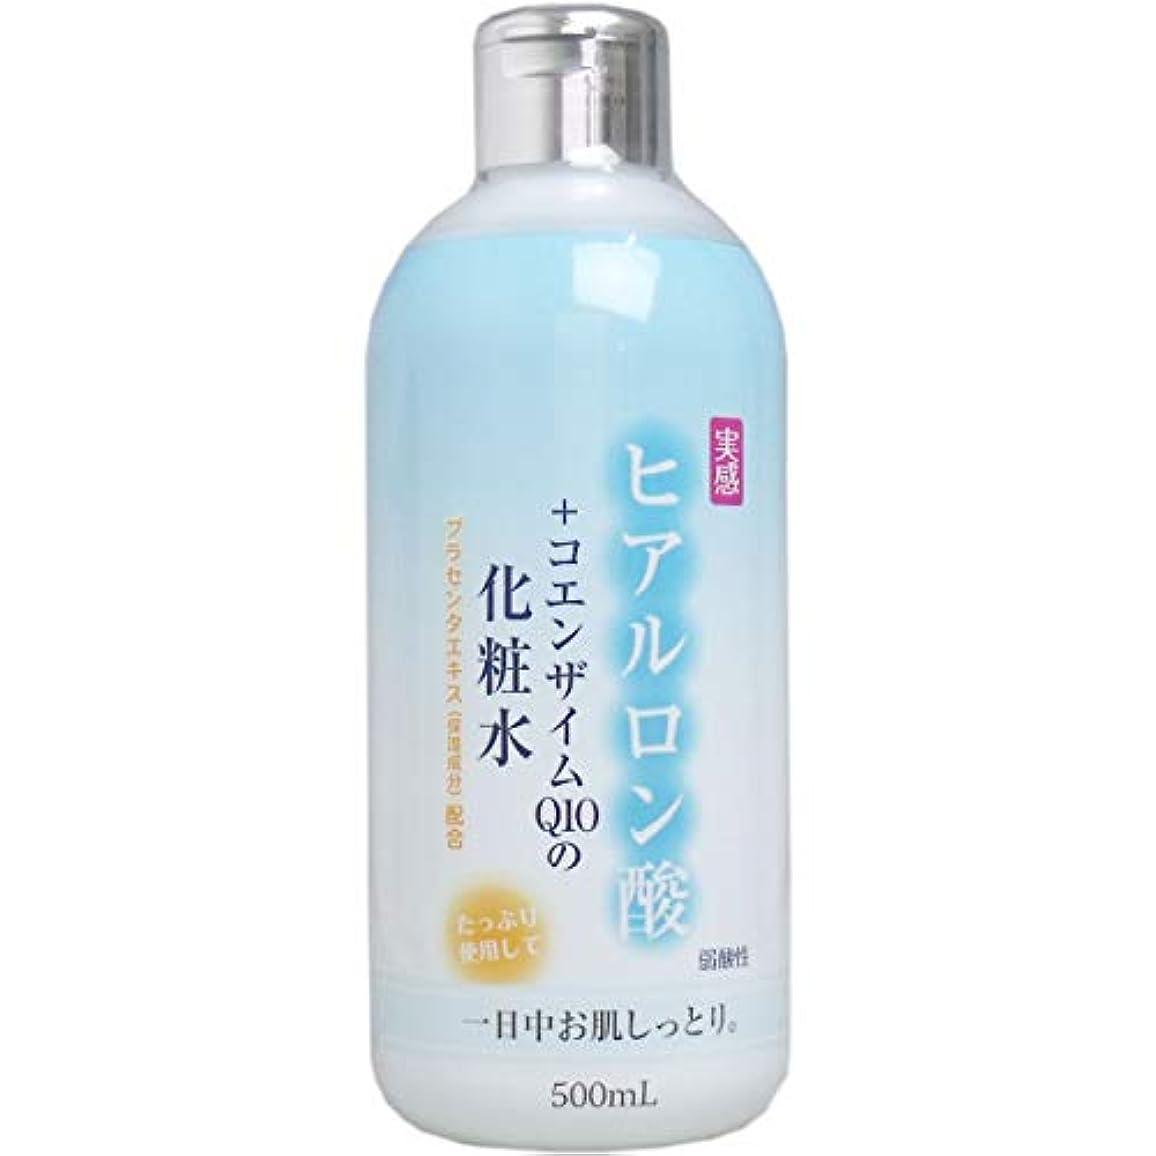 意識的こねるプロテスタントヒアルロン酸+コエンザイムQ10 化粧水 500mL